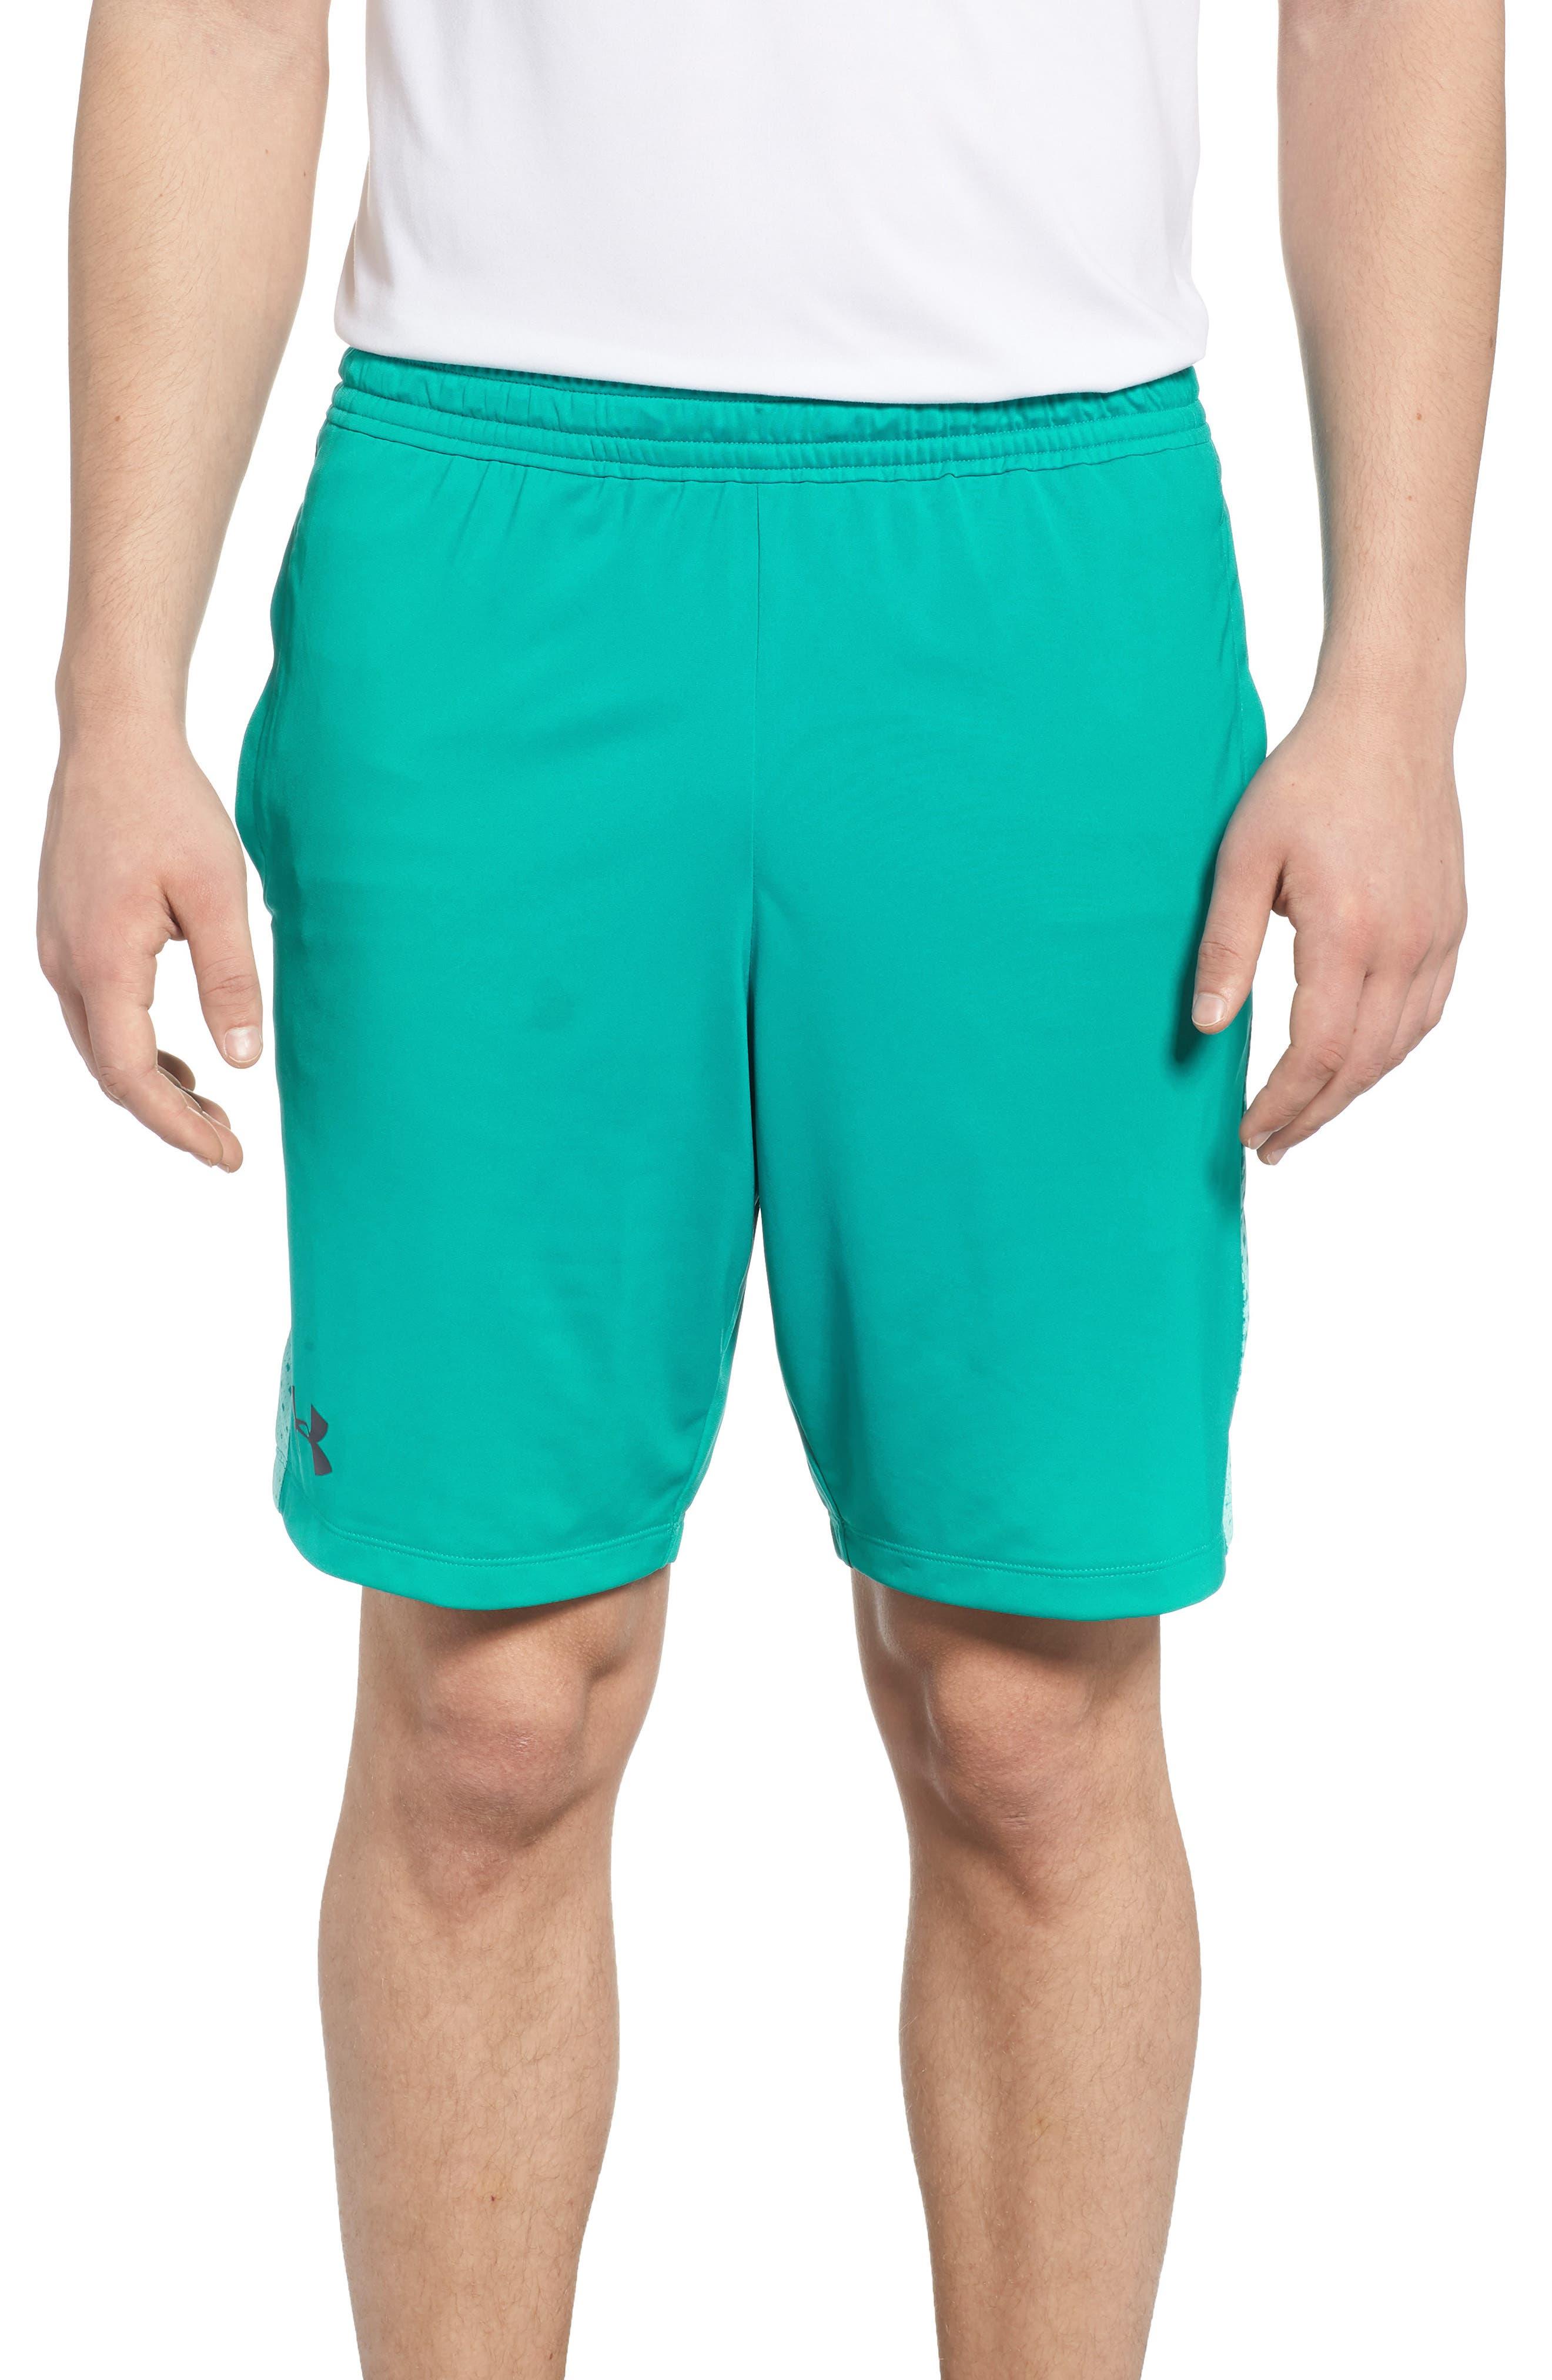 Mk1 Inset Fade Shorts,                             Main thumbnail 1, color,                             SWALLOWTAIL / TIDE / GREY